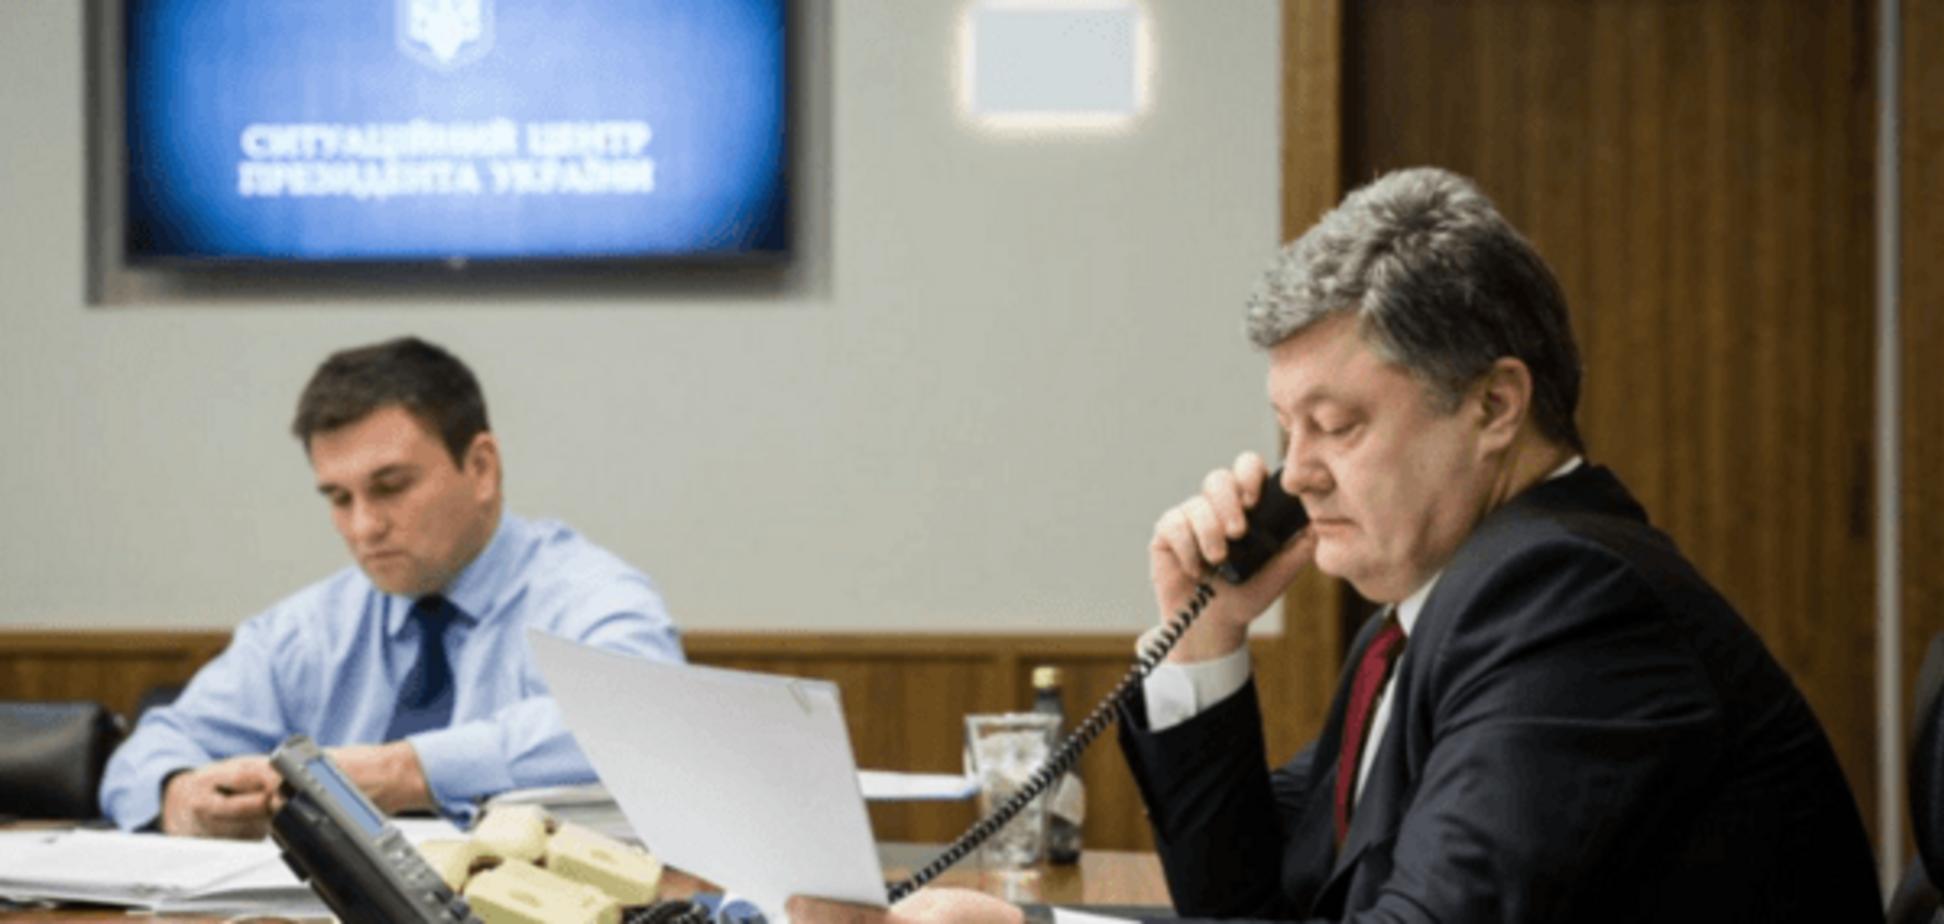 Порошенко напомнил Путину о Савченко и Сенцове